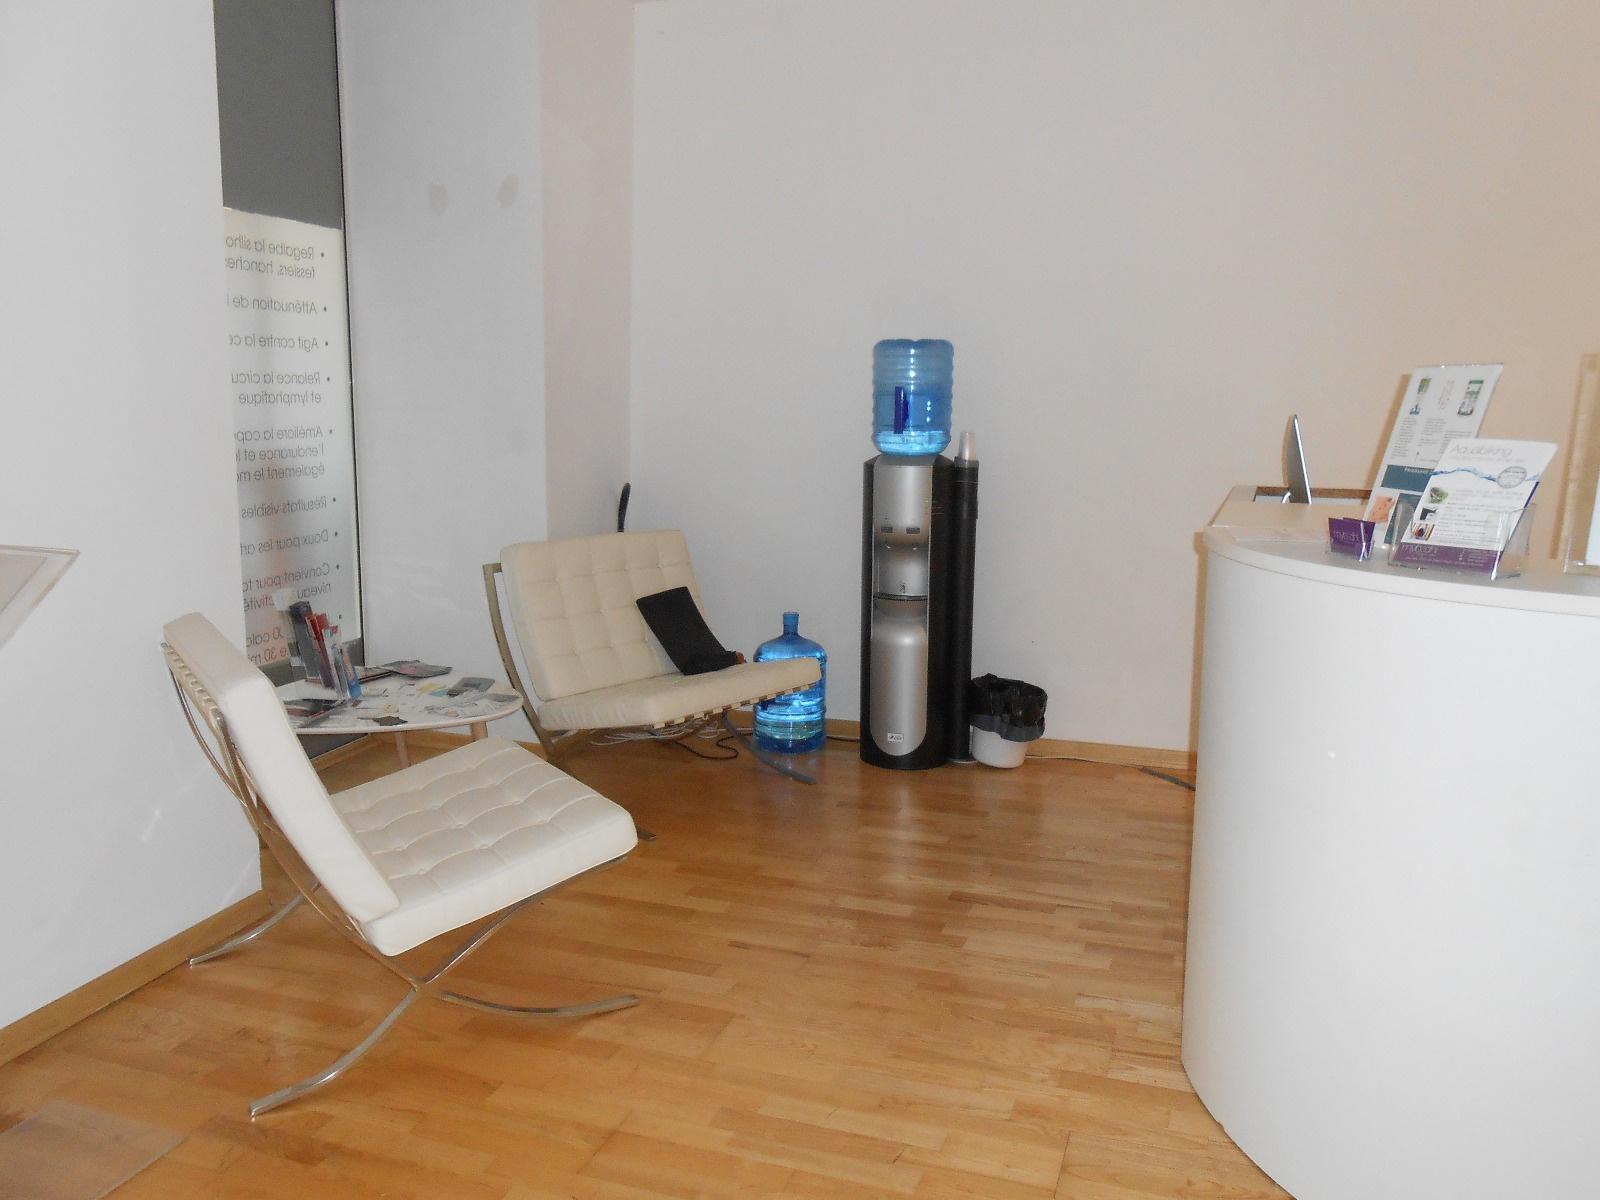 Vente commerce salon esthetique aquabikink massage for Salon esthetique nice